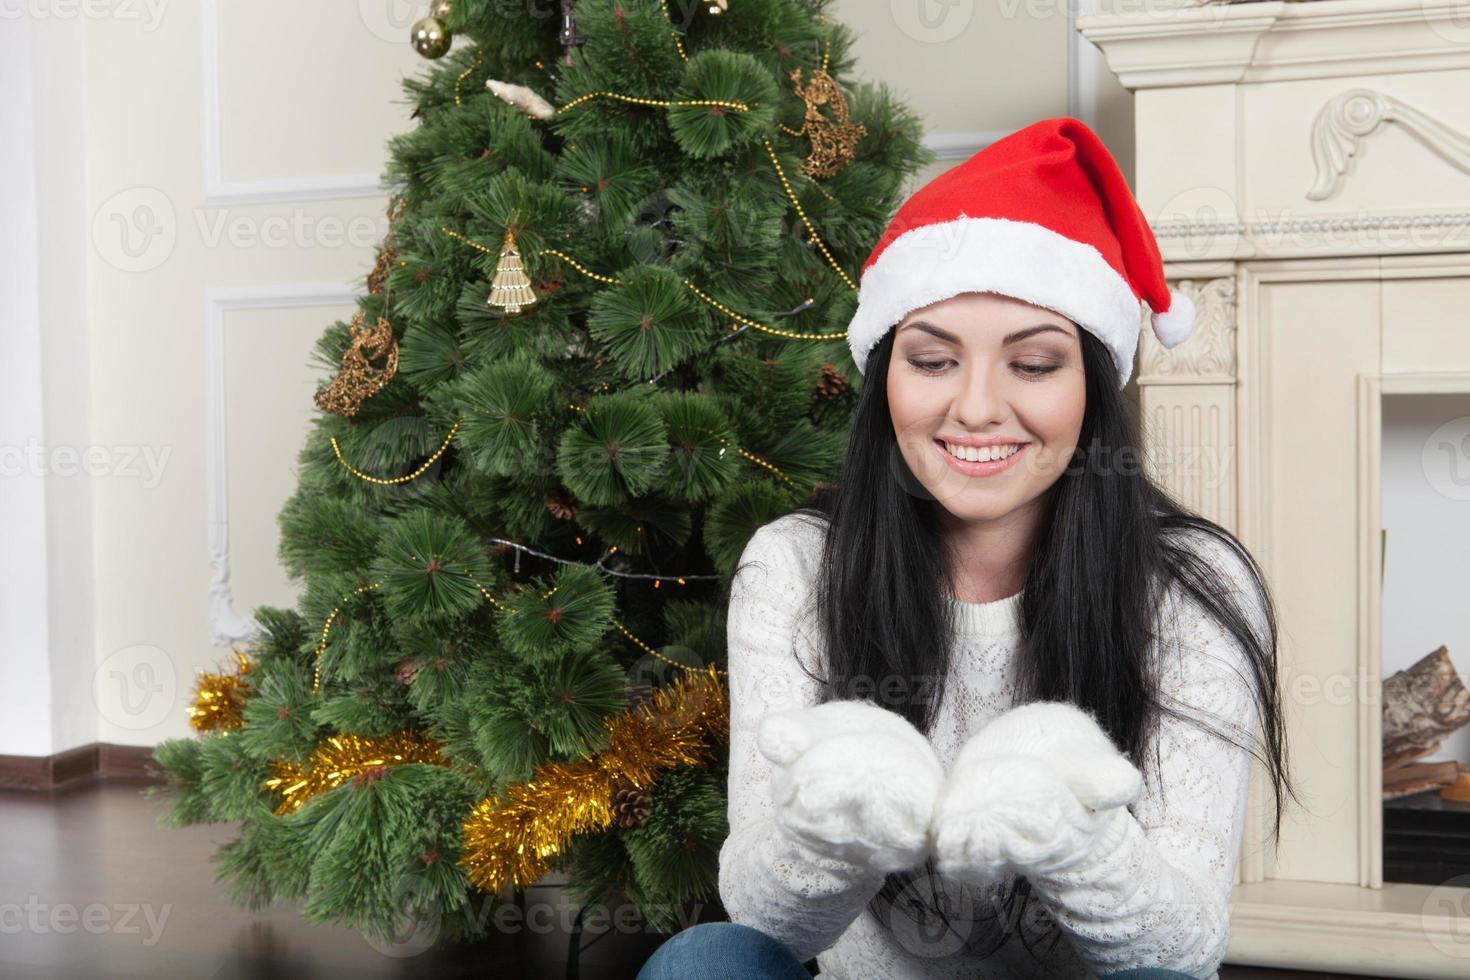 donna felice che indossa un cappello di Natale foto